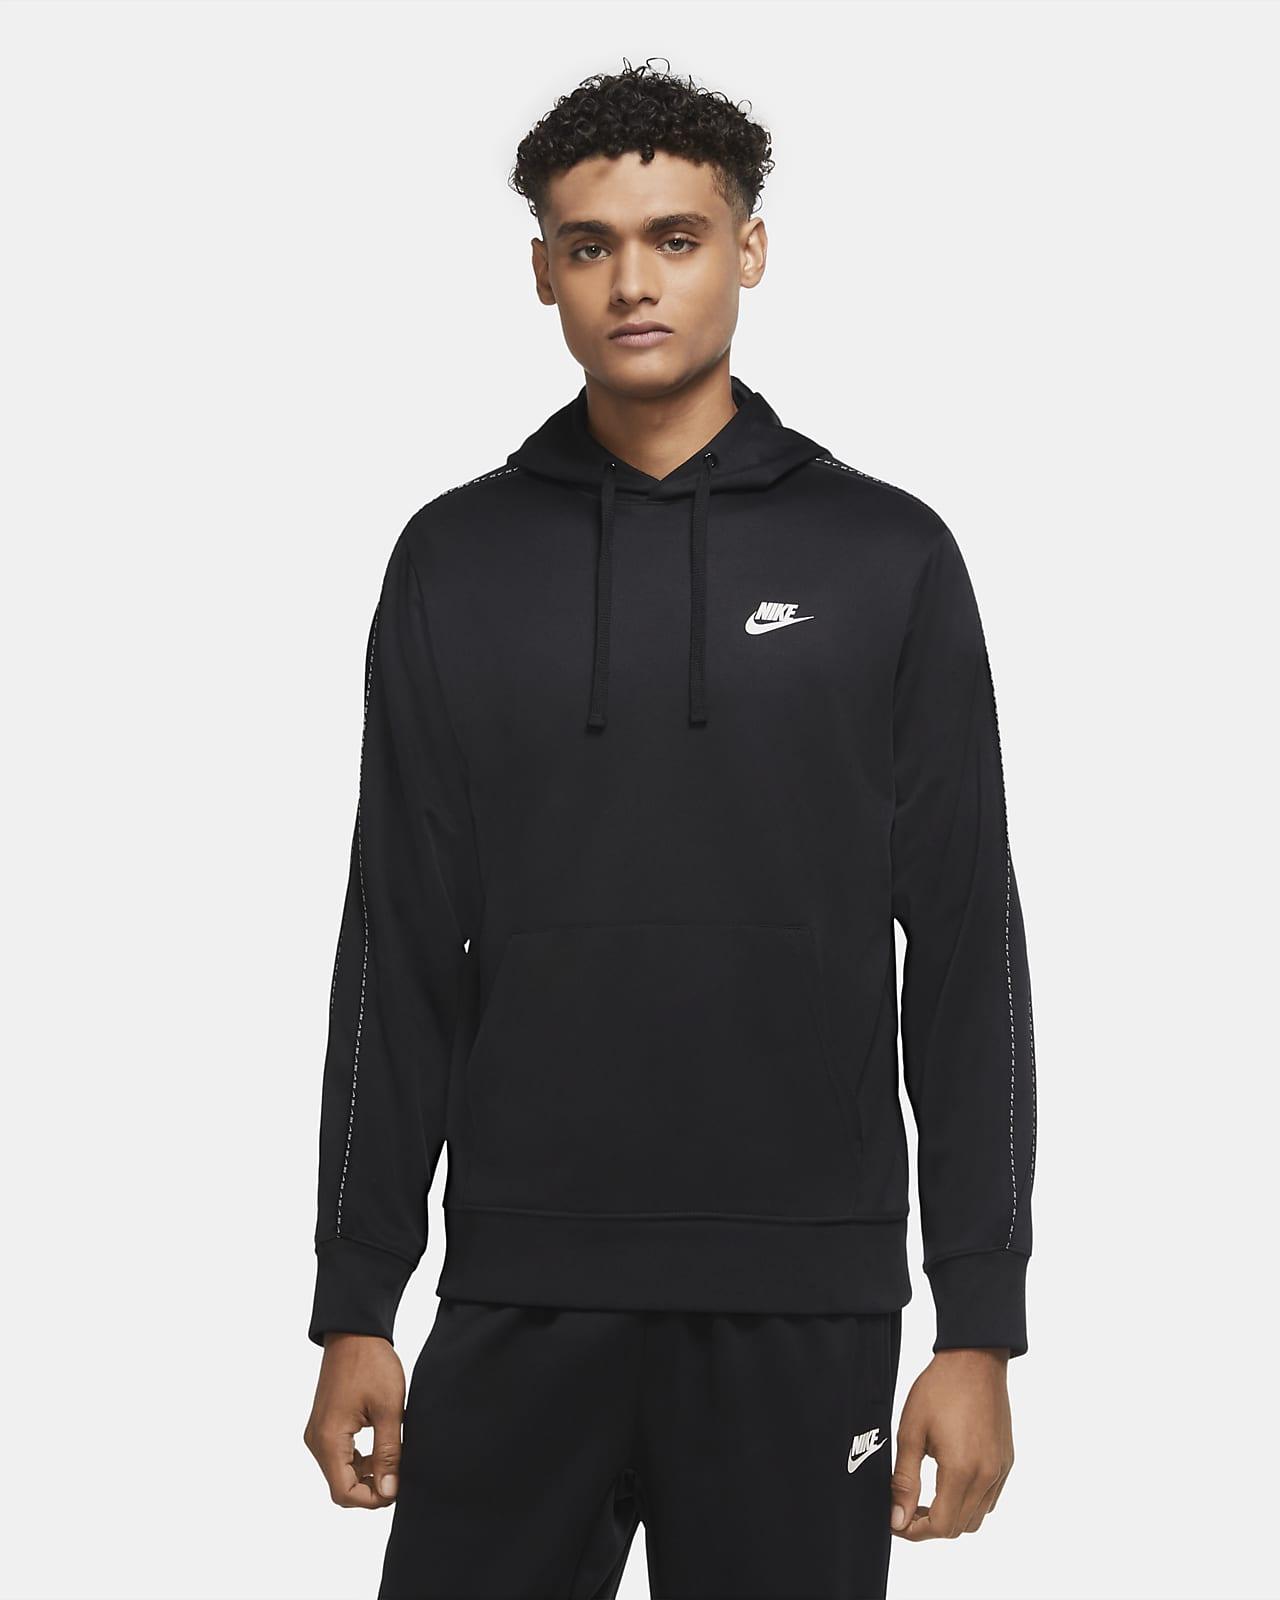 Nike Sportswear Erkek Kapüşonlu Sweatshirt'ü